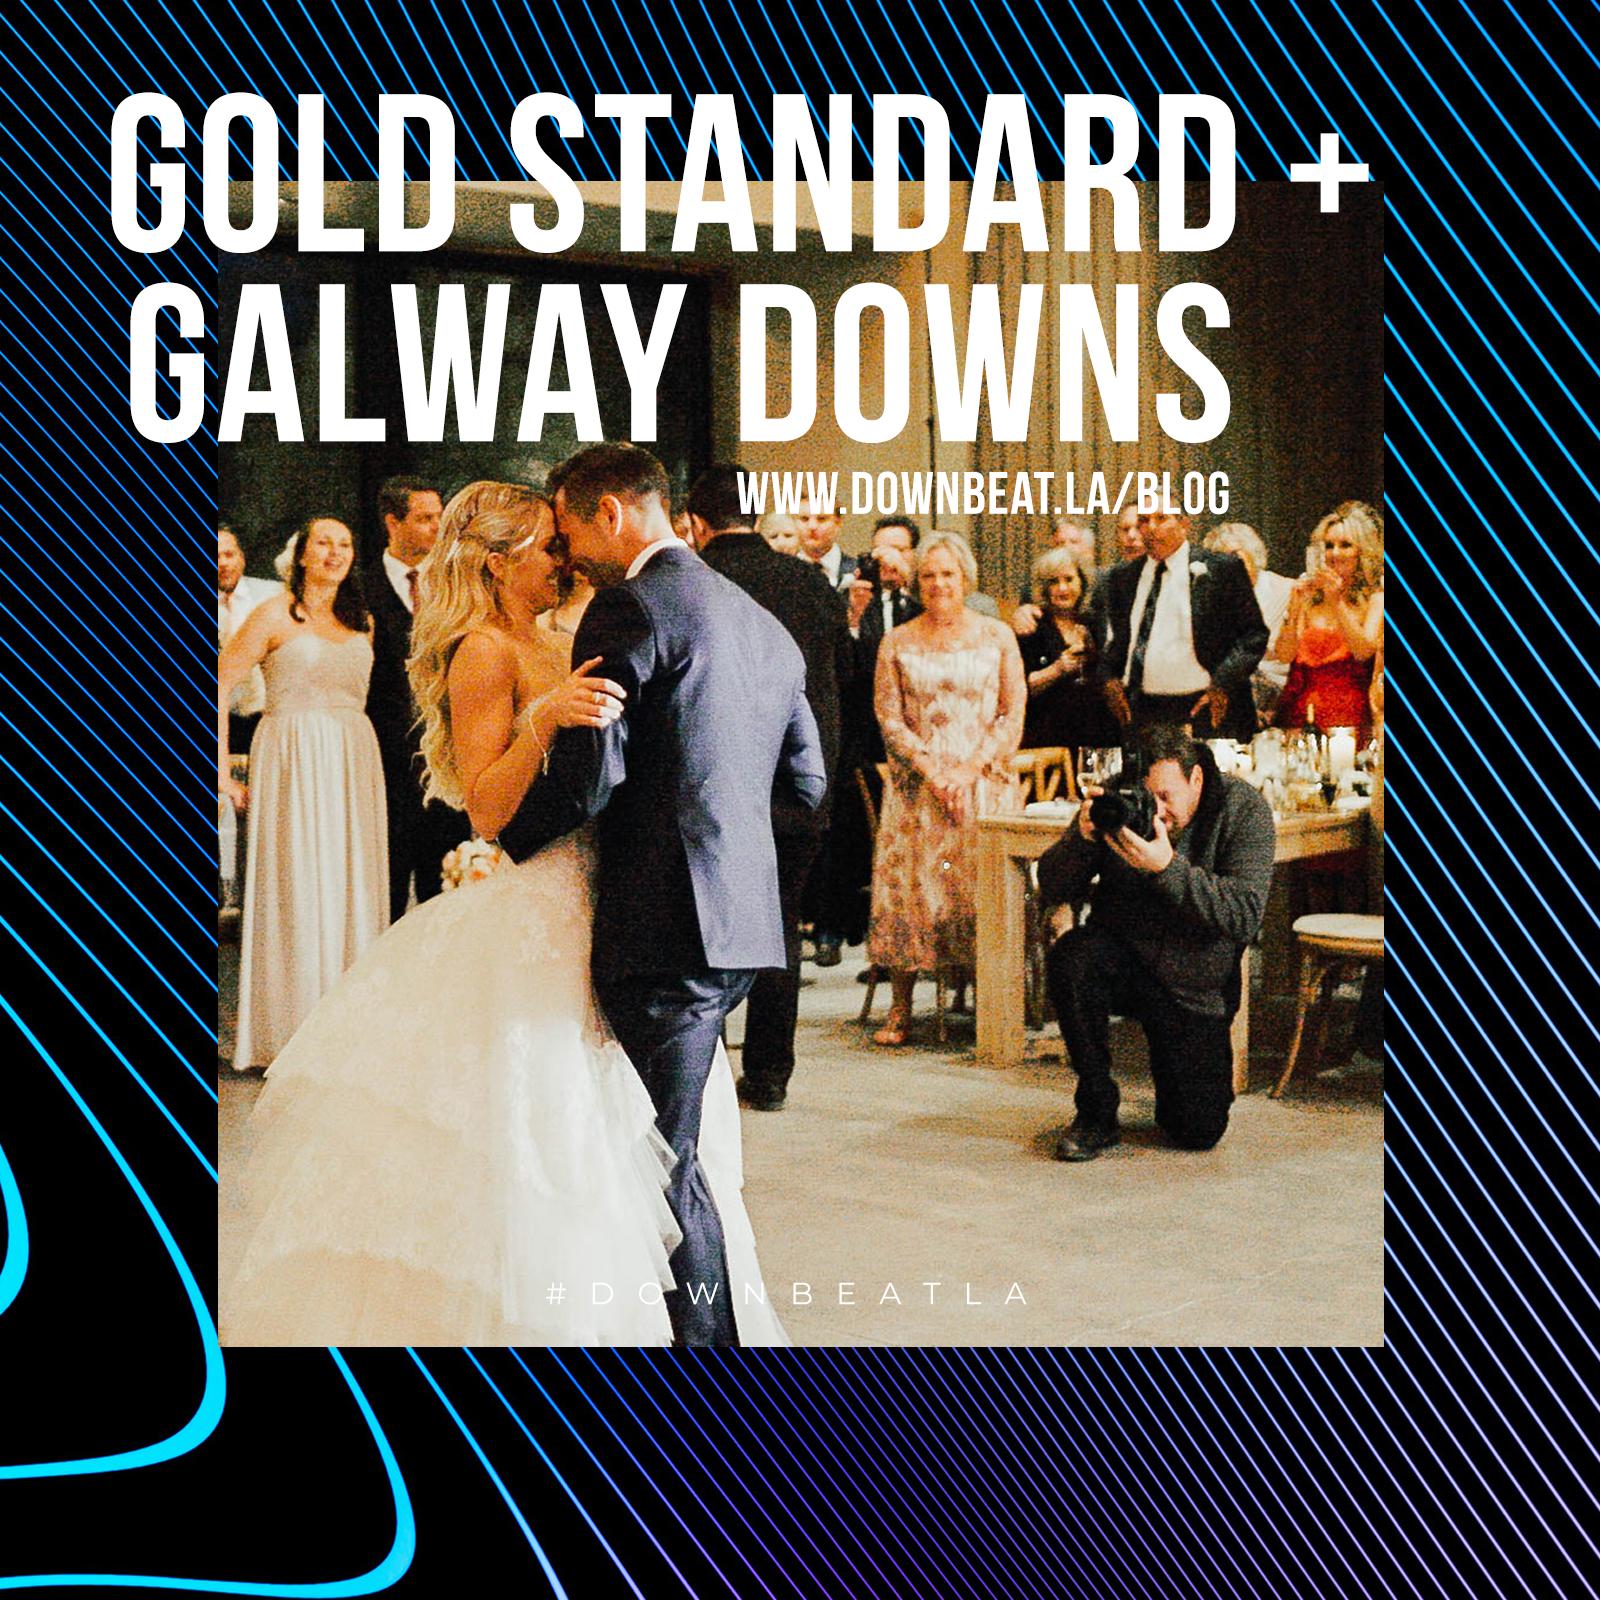 Galway-Insta-Graphic.jpg